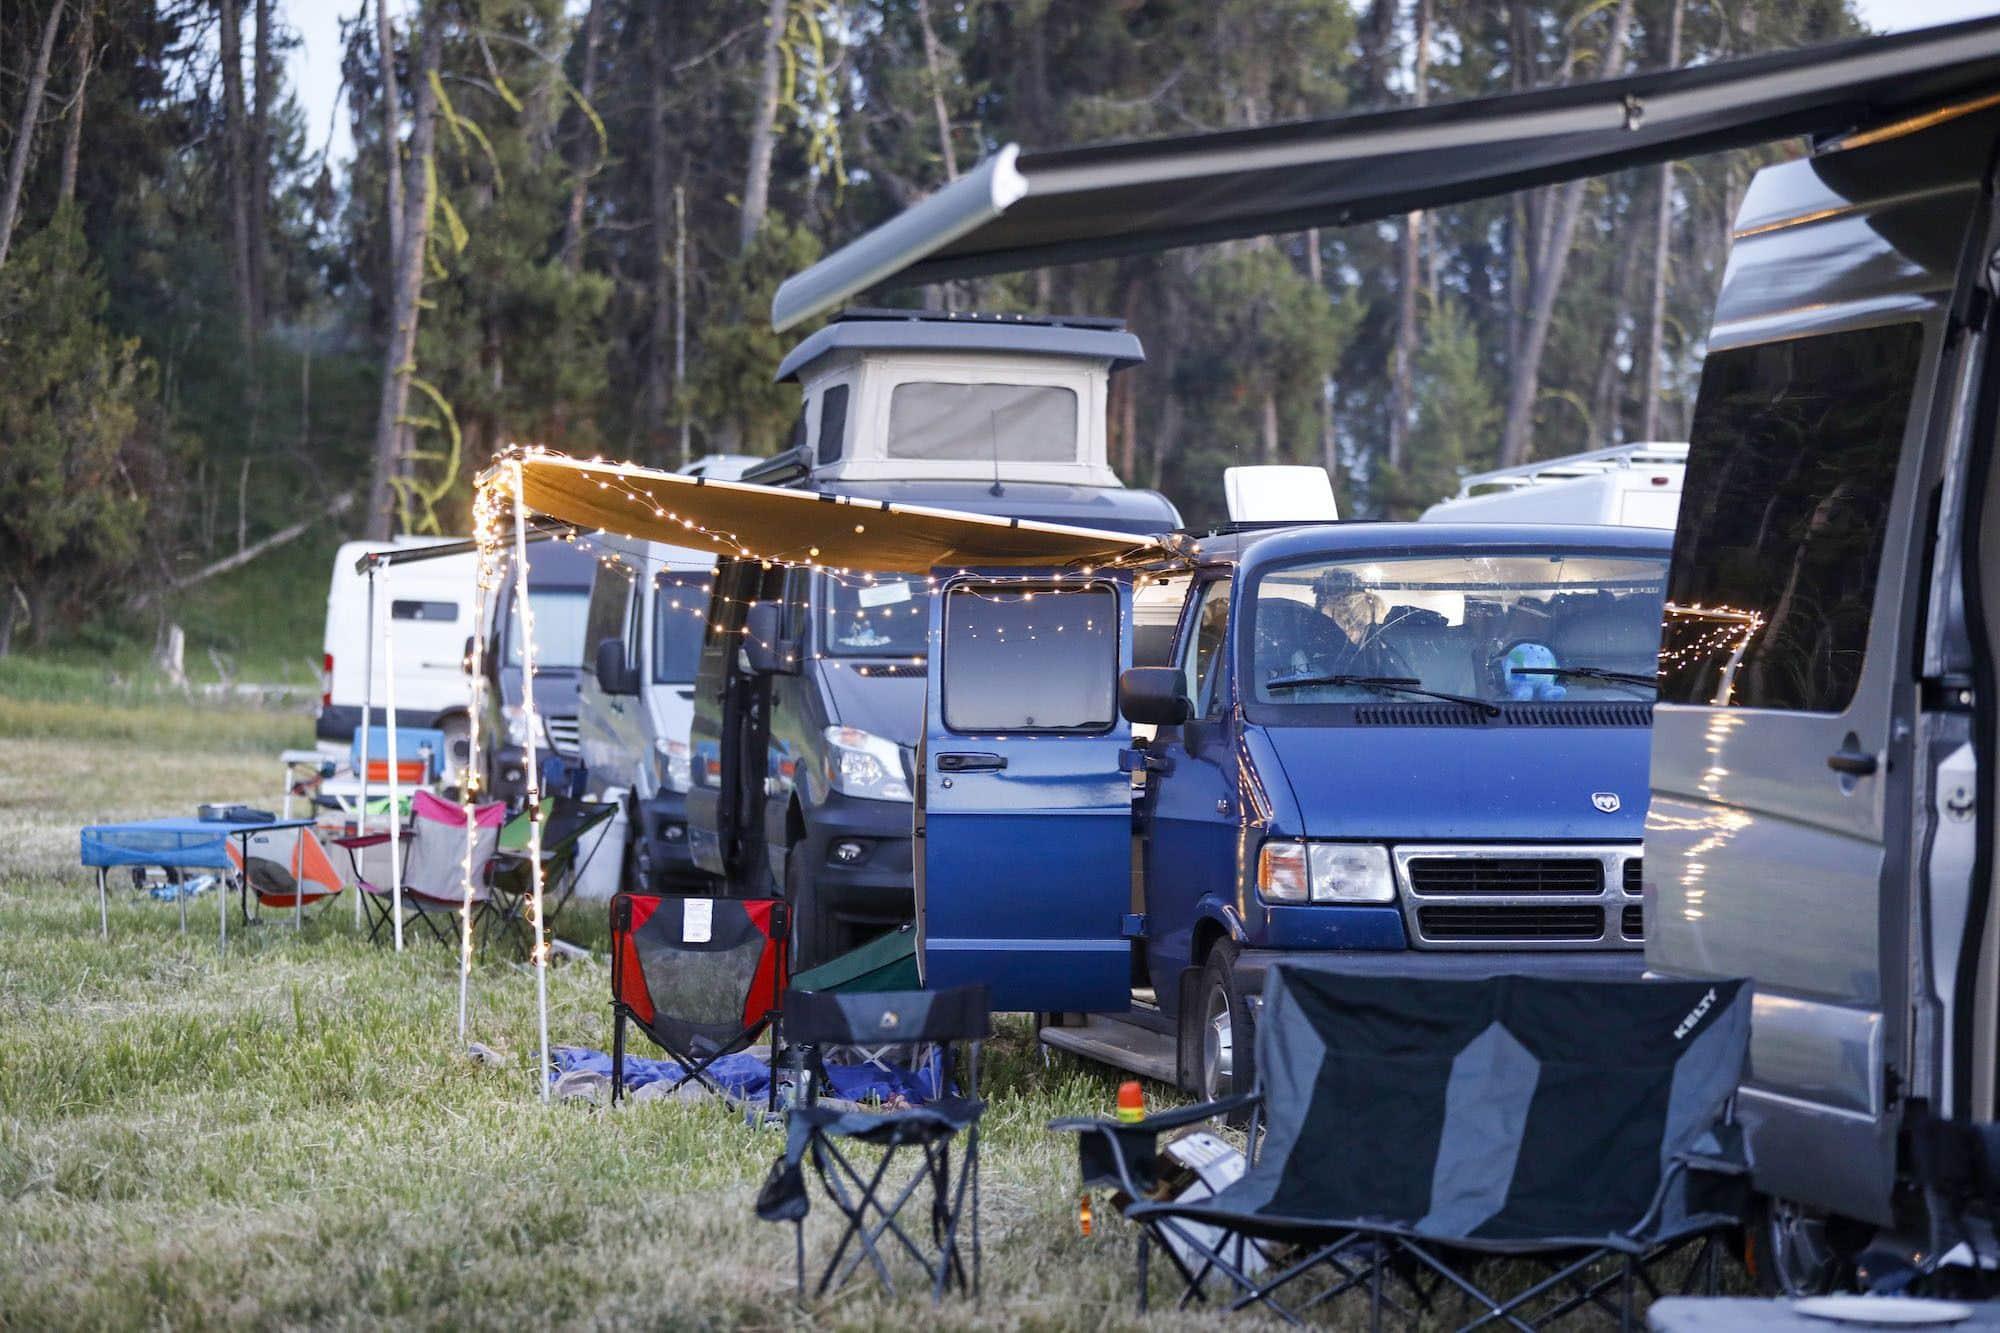 8 Cool Camper Vans We Loved at Open Roads Fest